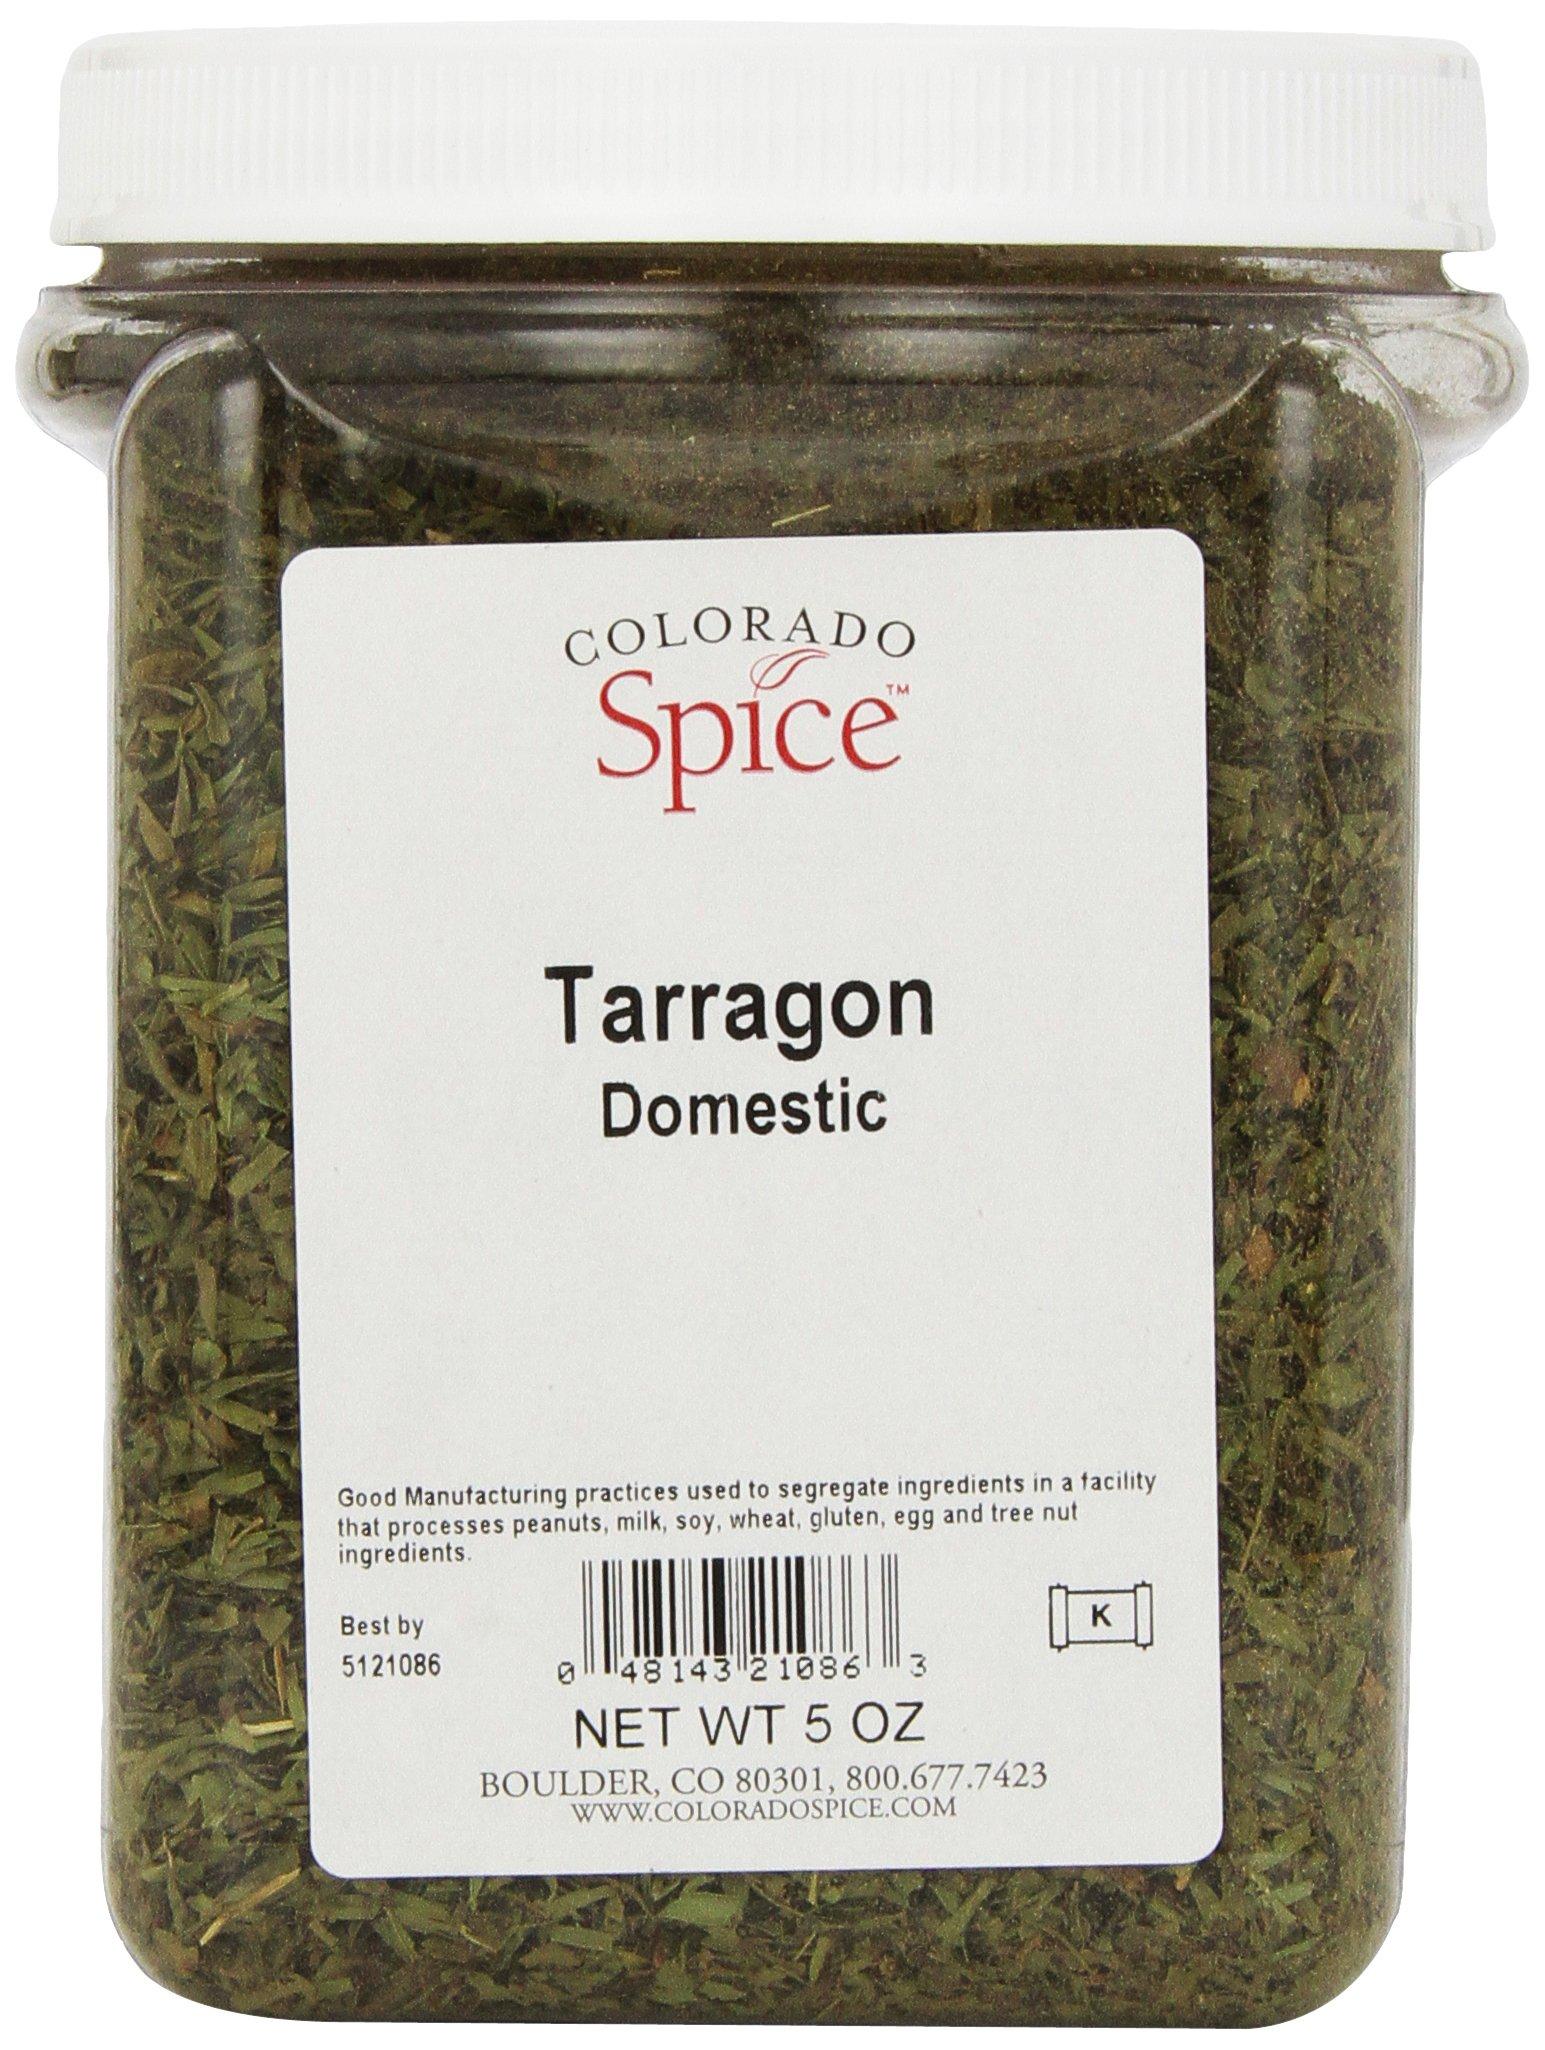 Colorado Spice Tarragon, Domestic, 5 Ounce Jar